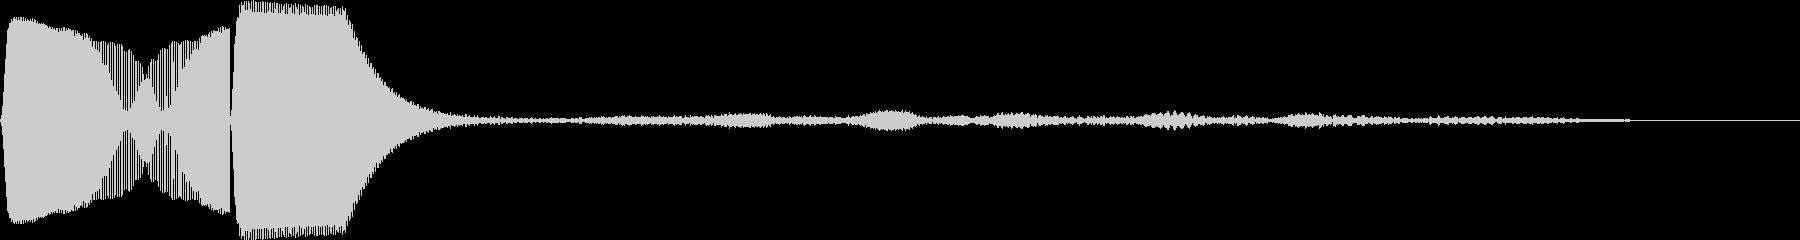 1秒カウント/ボタン押したとき/時報38の未再生の波形